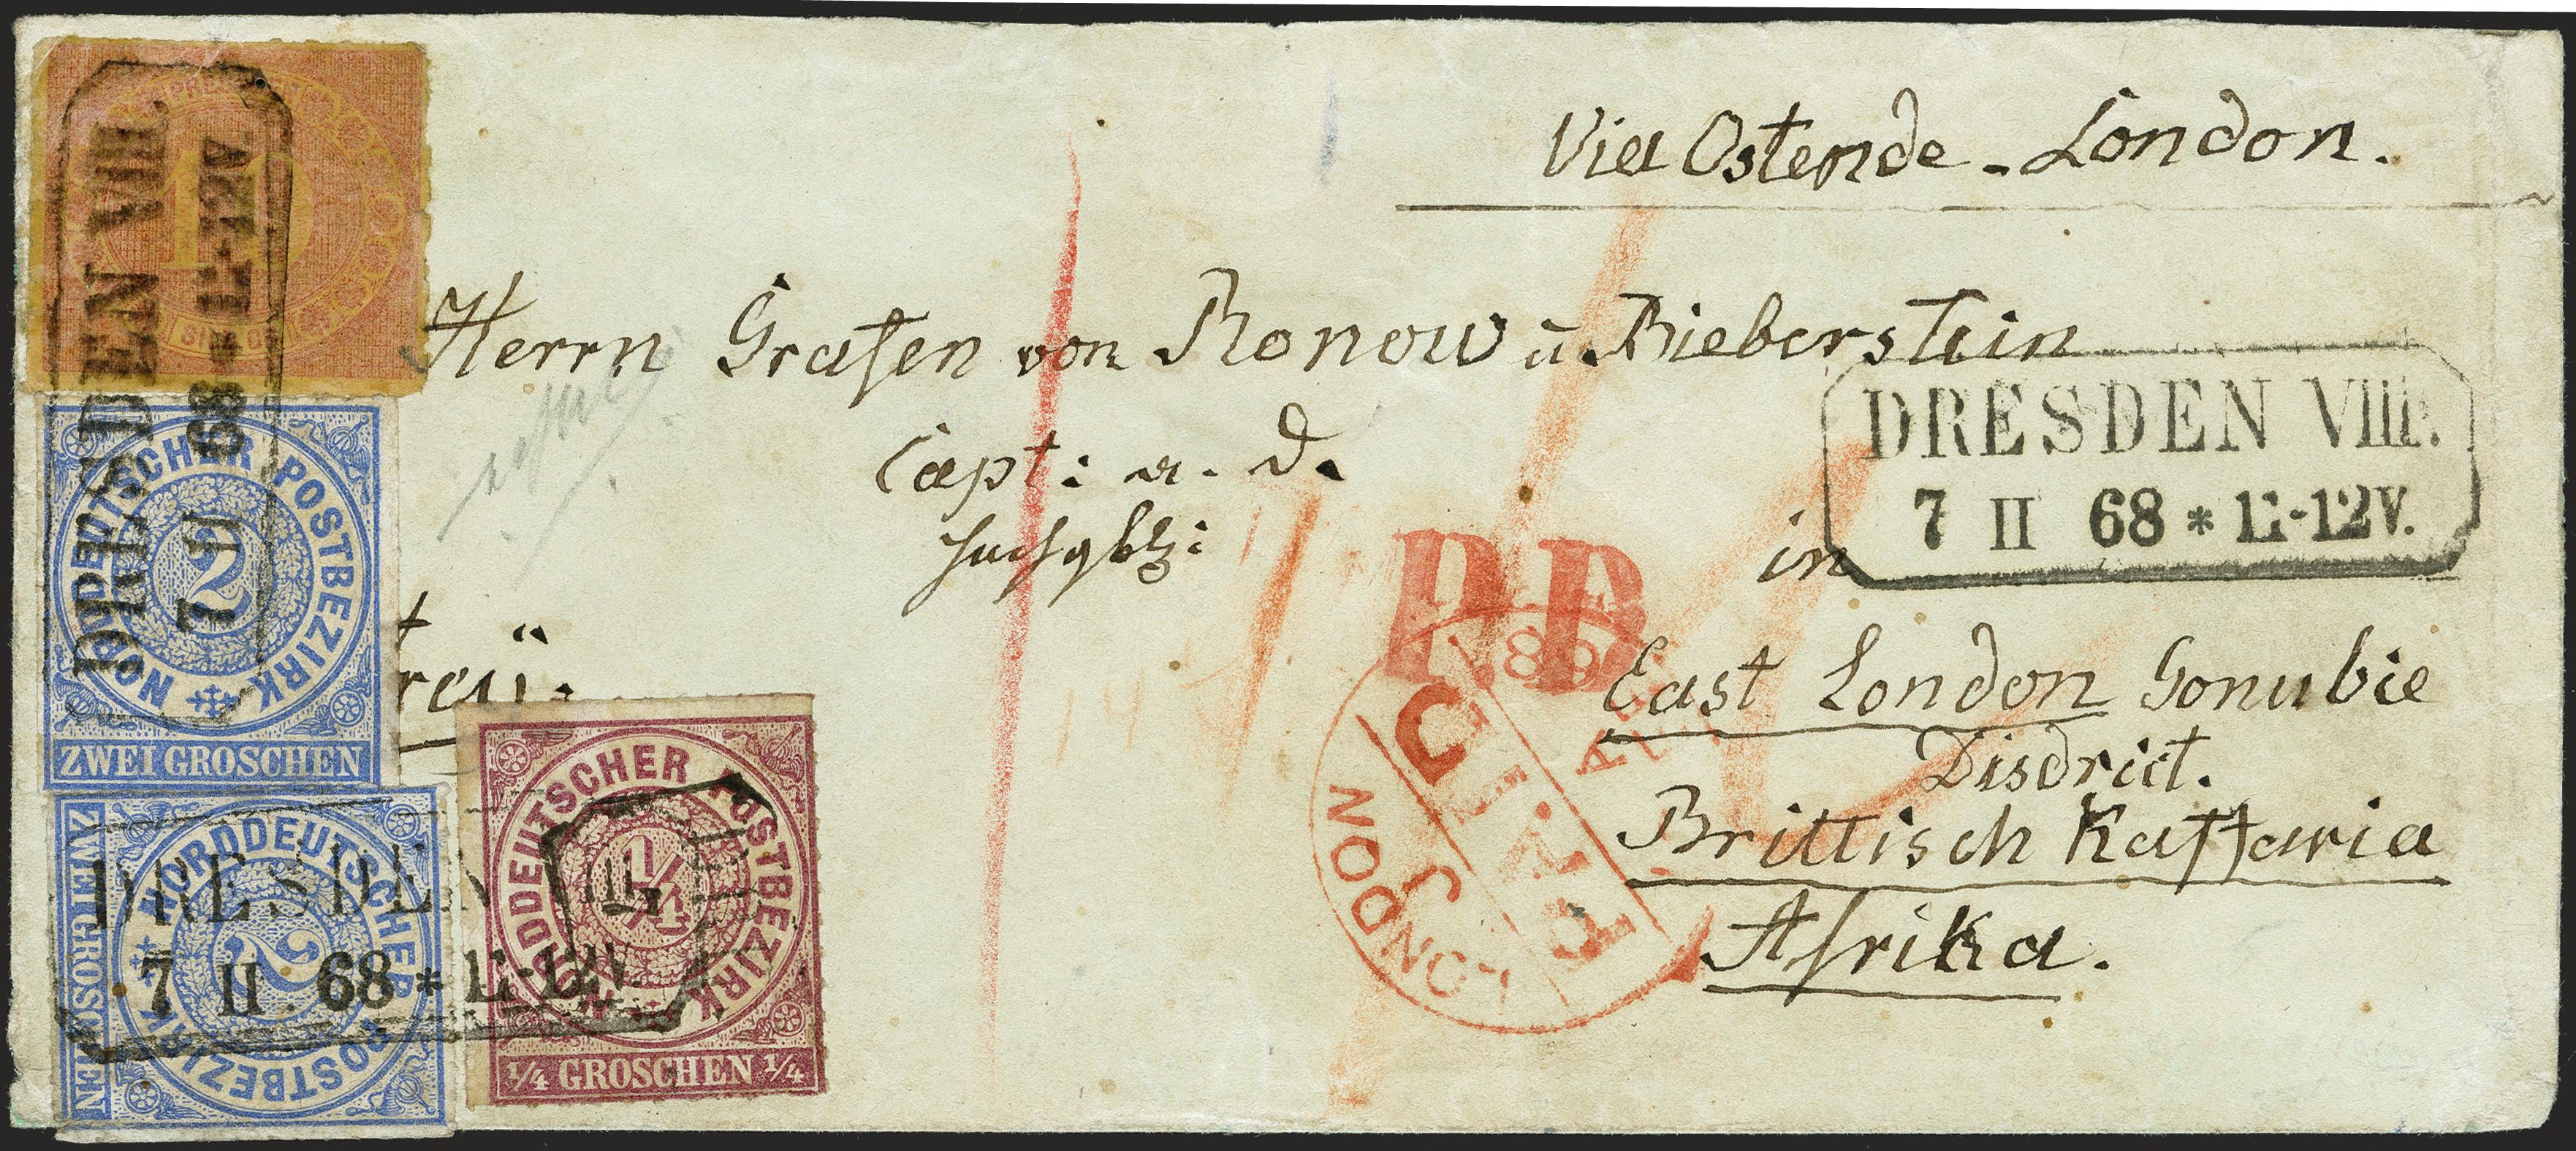 Lot 303 - Altdeutsche Staaten norddeutscher postbezirk -  Heinrich Koehler Auktionen 372nd Auction - The ERIVAN Collection